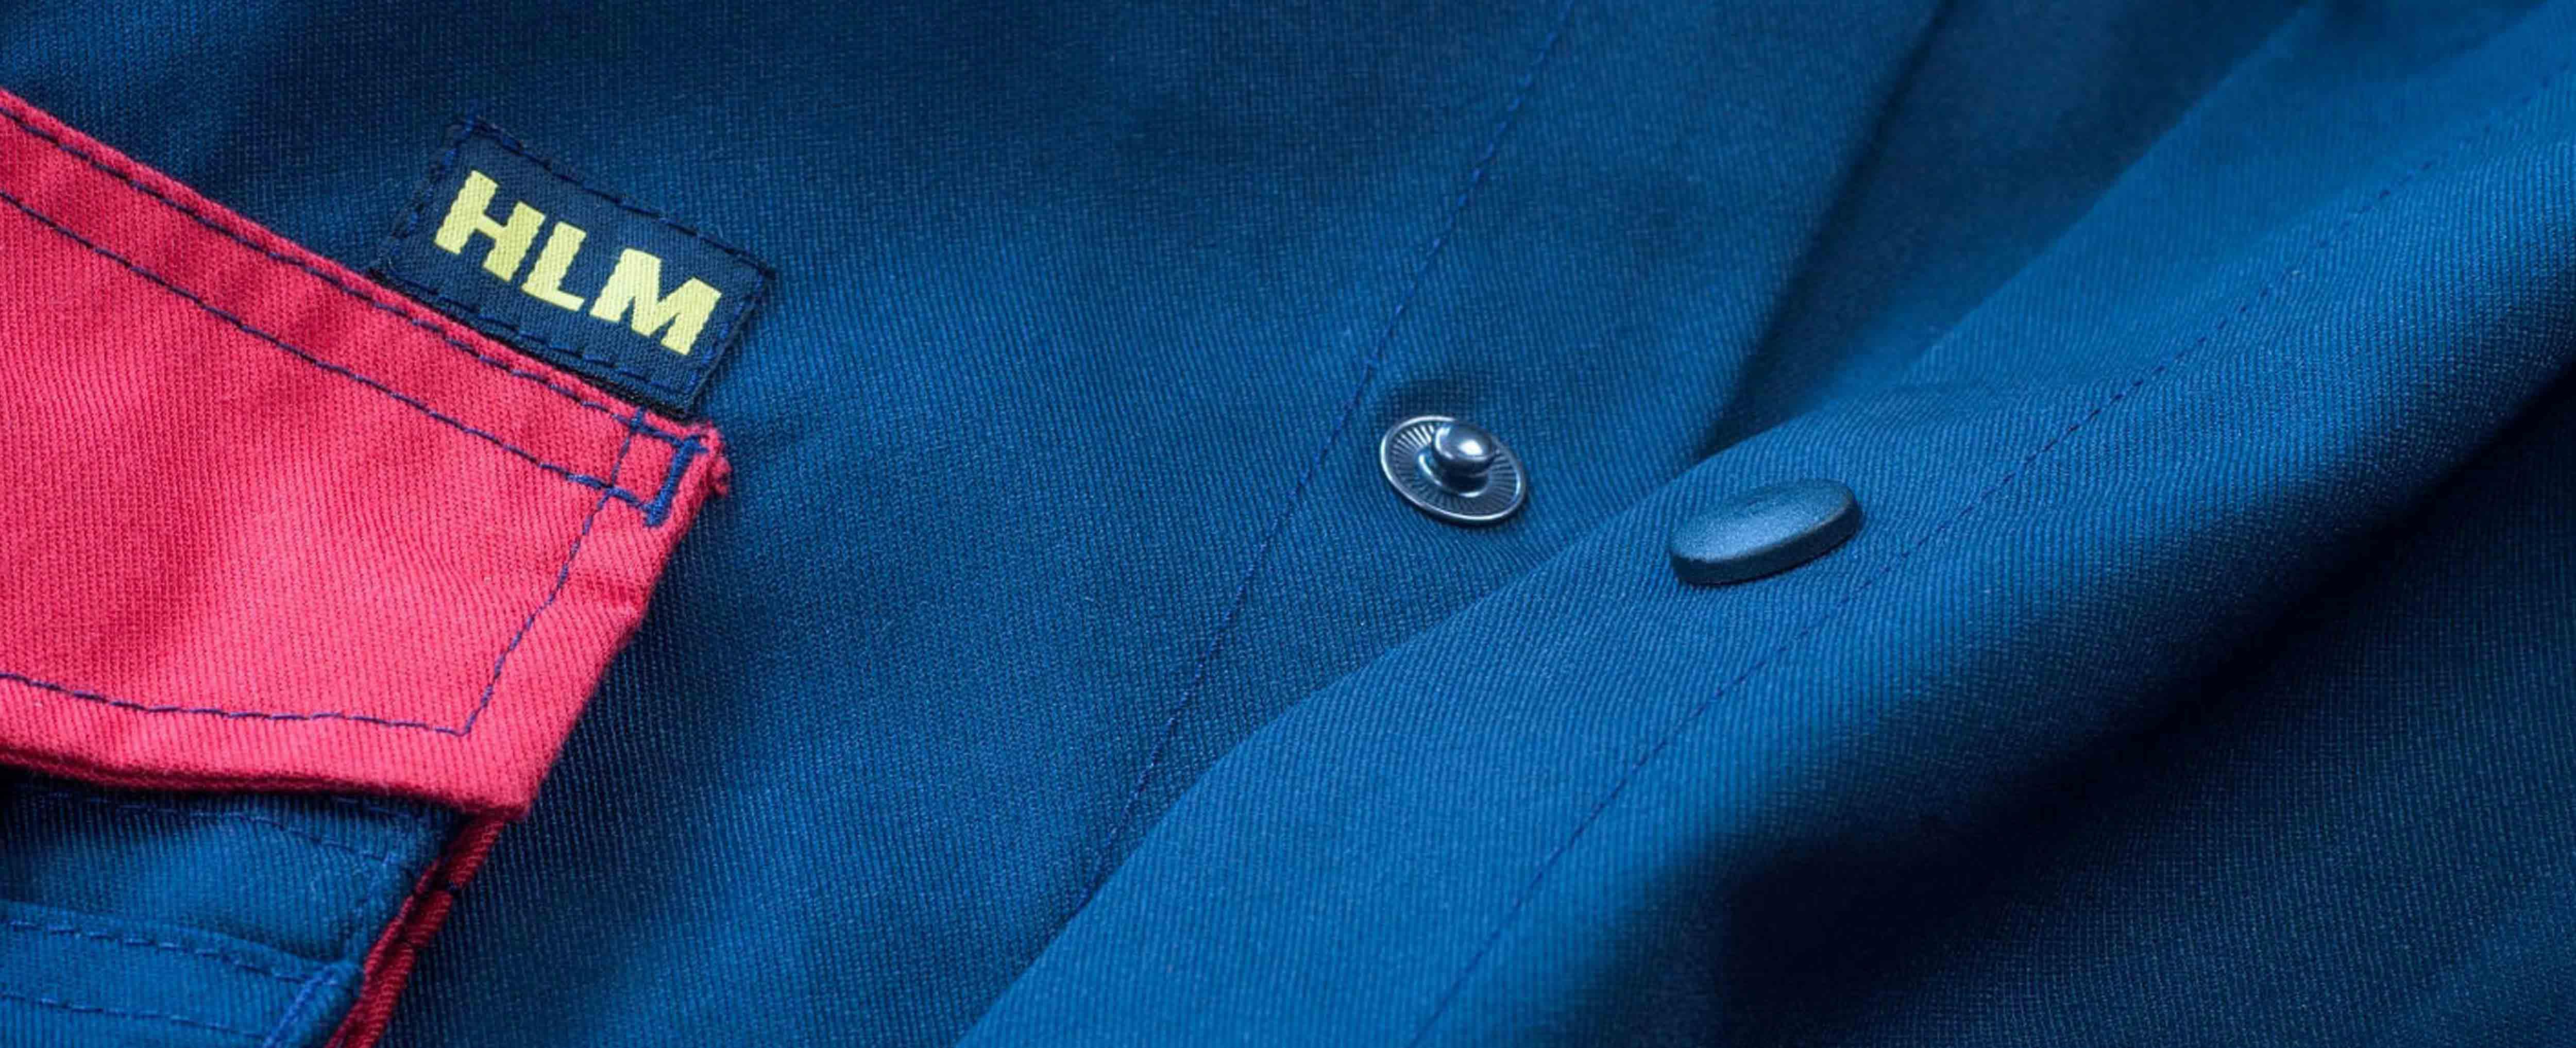 hlmbedrijfskleding -  Voorpag - Big Slider 3